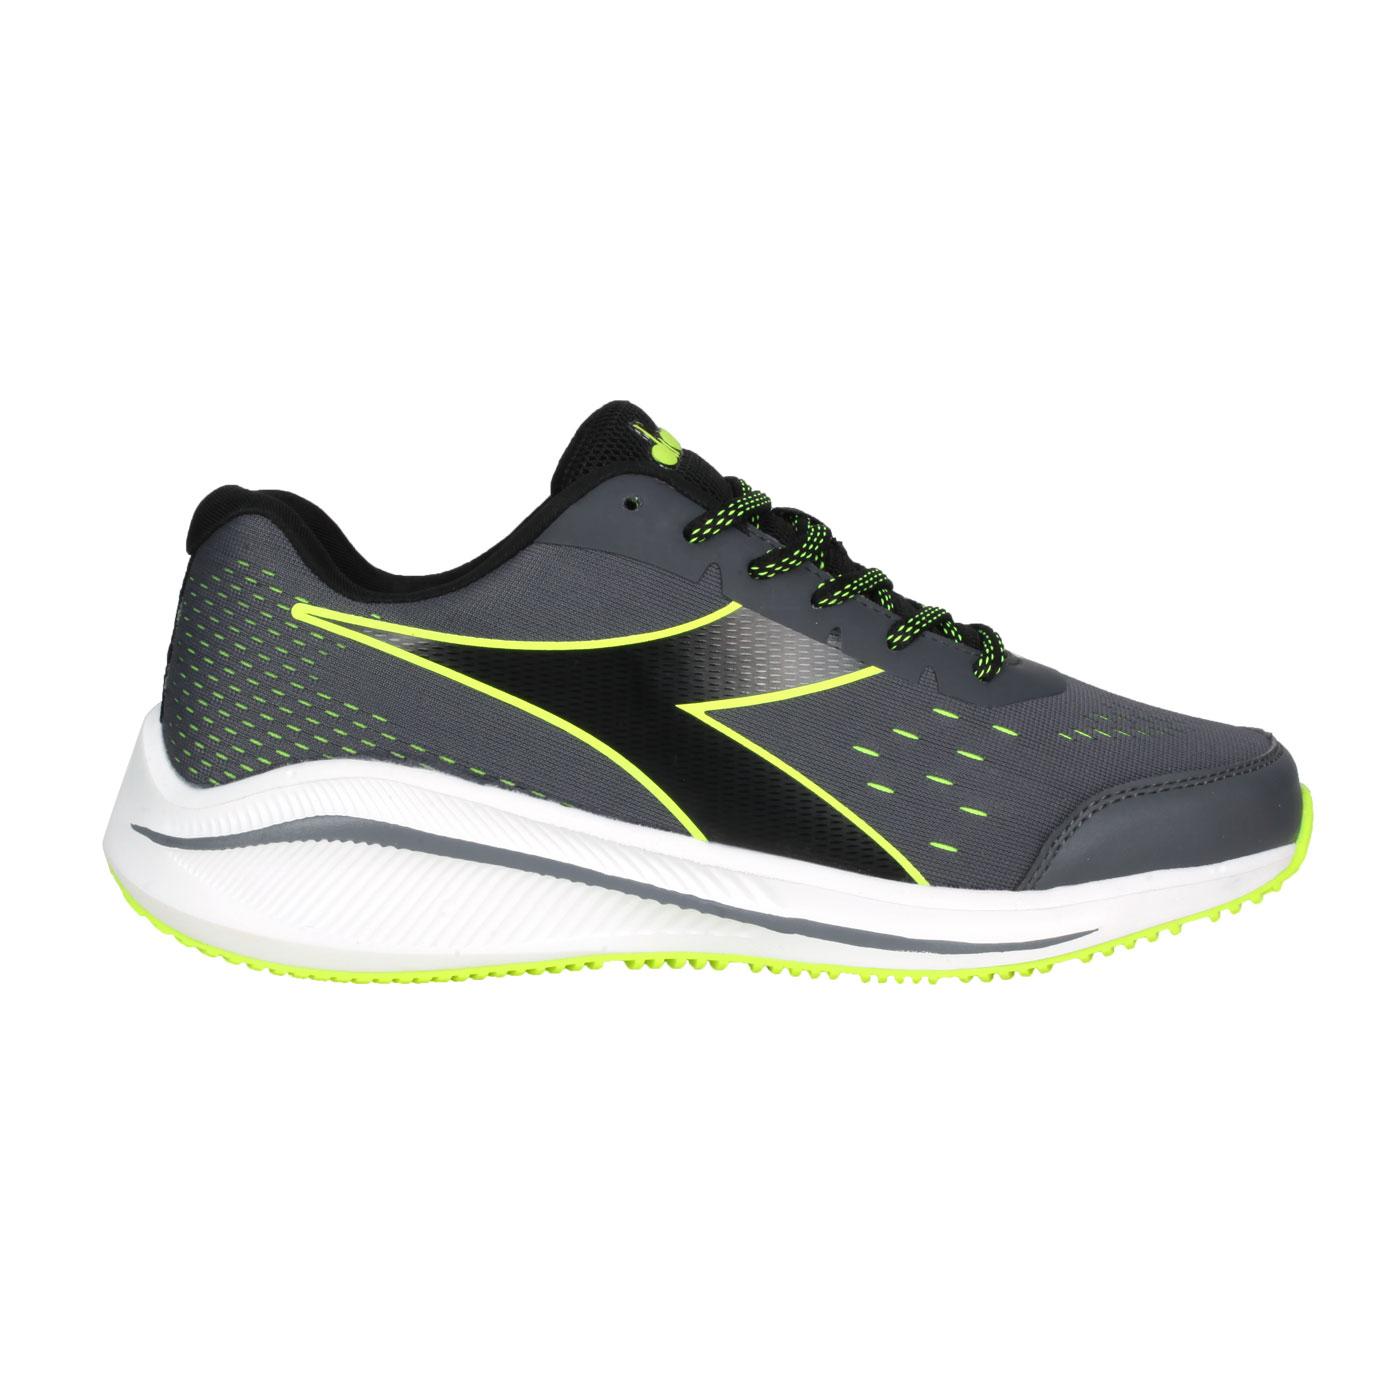 DIADORA 男款專業輕量慢跑鞋-E寬楦 DA71172 - 灰黑螢光綠